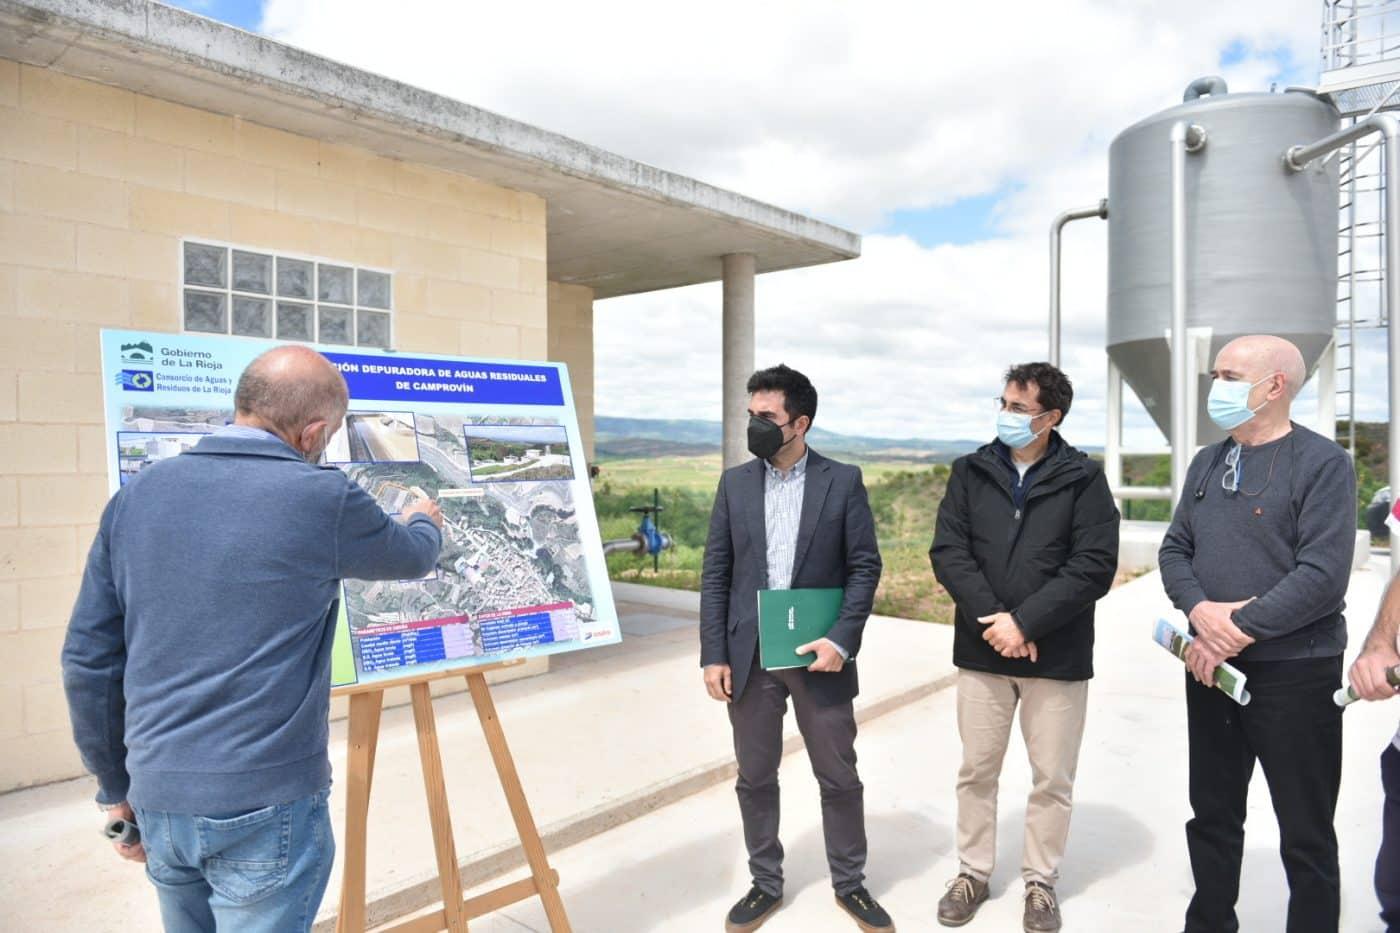 La Rioja invierte más de 1,1 millones de euros en la nueva estación depuradora de Camprovín 1